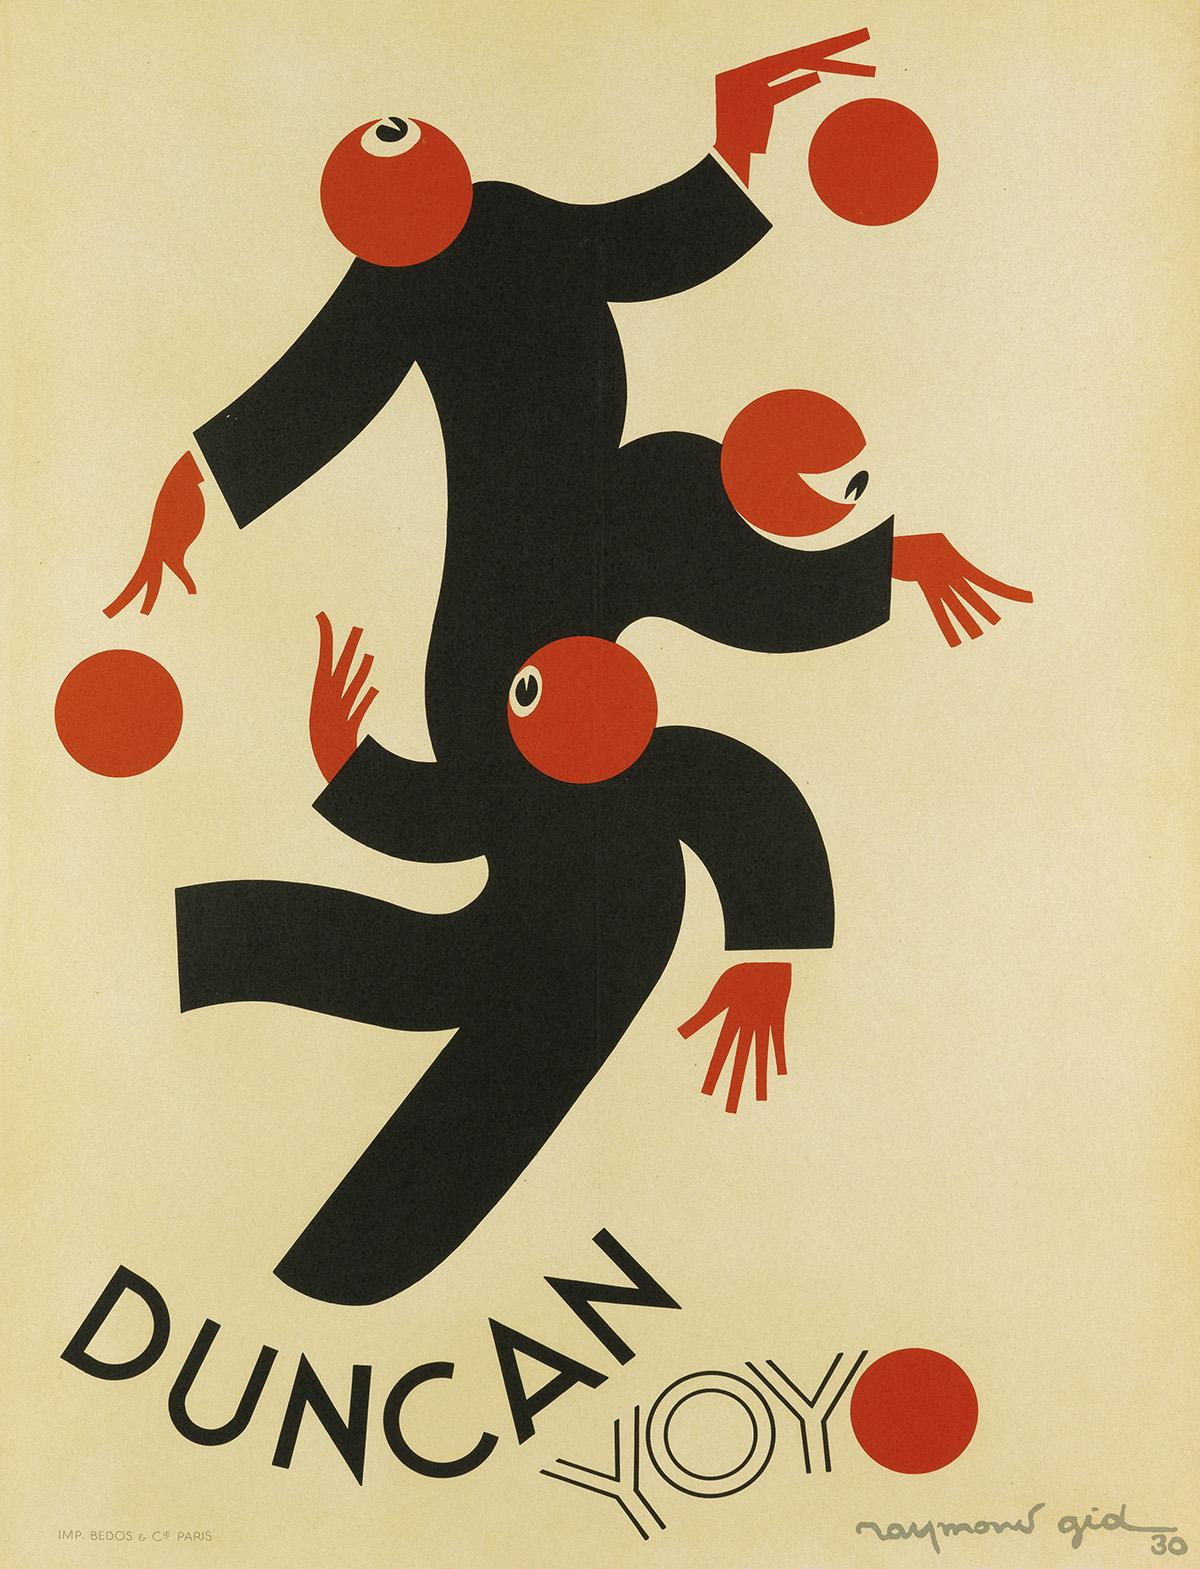 RAYMOND-GID-(1905-2000)-DUNCAN-YOYO-1930-31x23-inches-78x60-